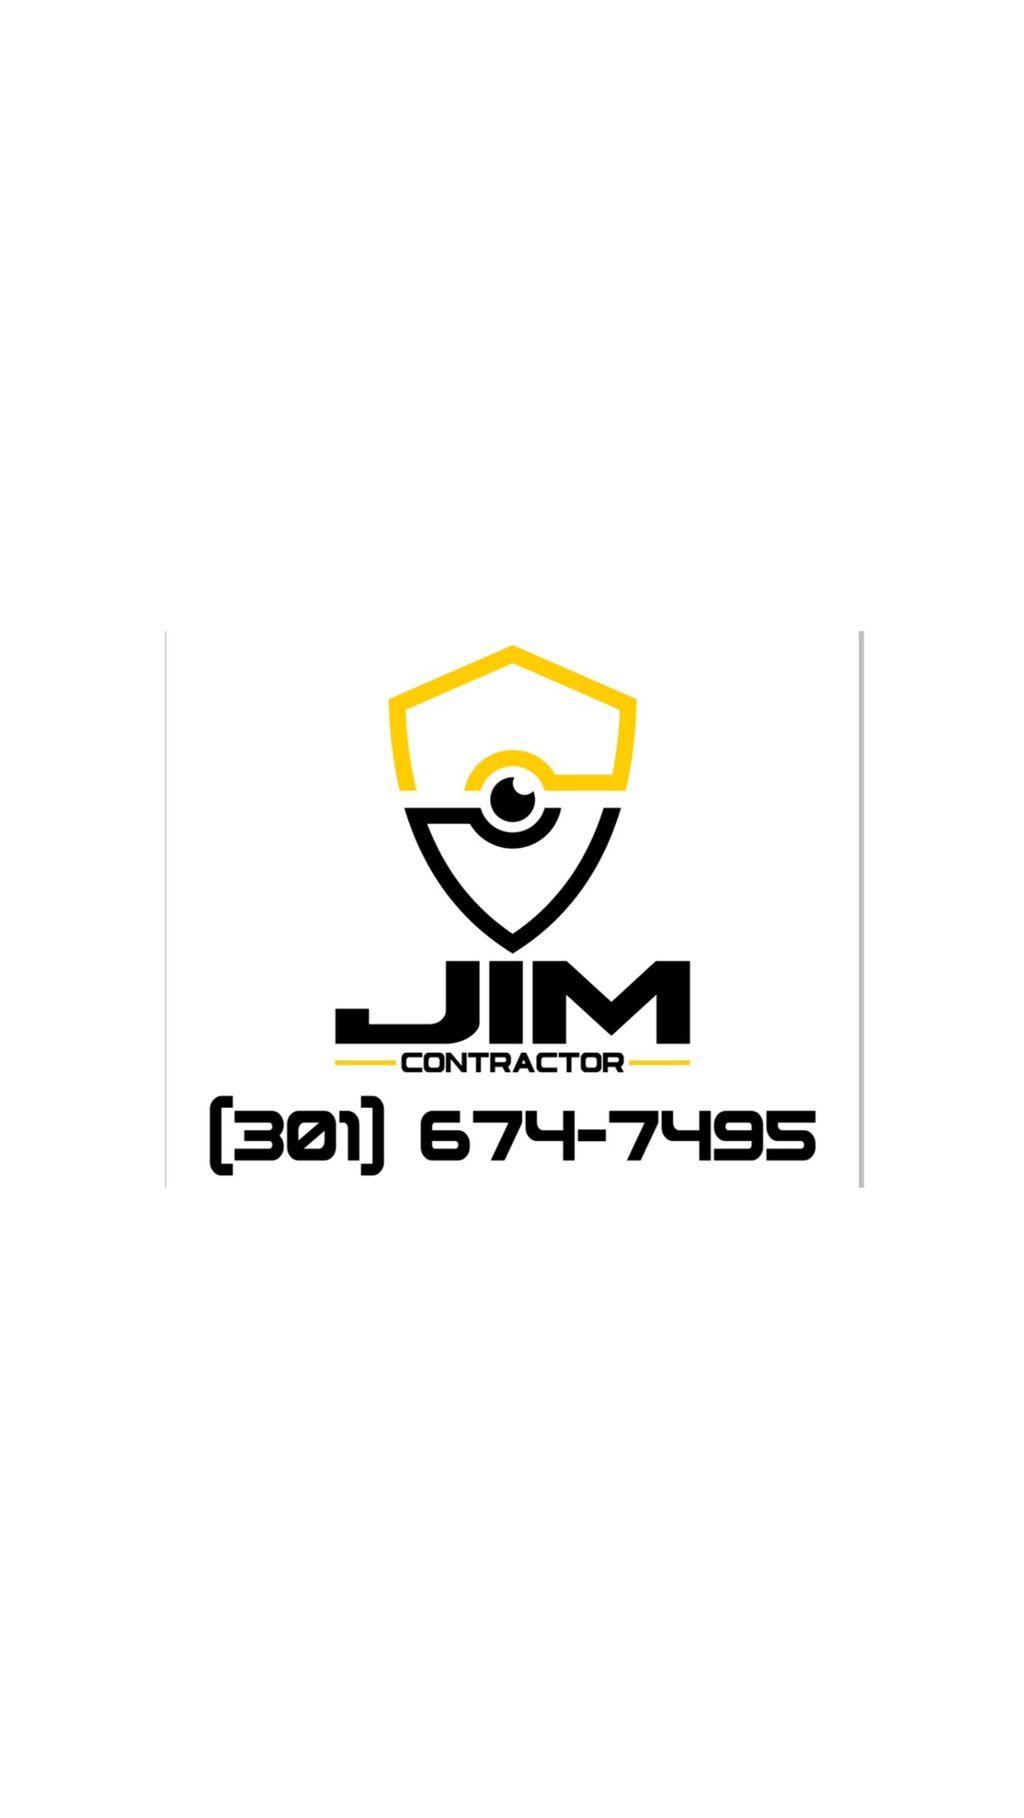 JIM CONTRACTOR INC xxx-xxx-xxxx